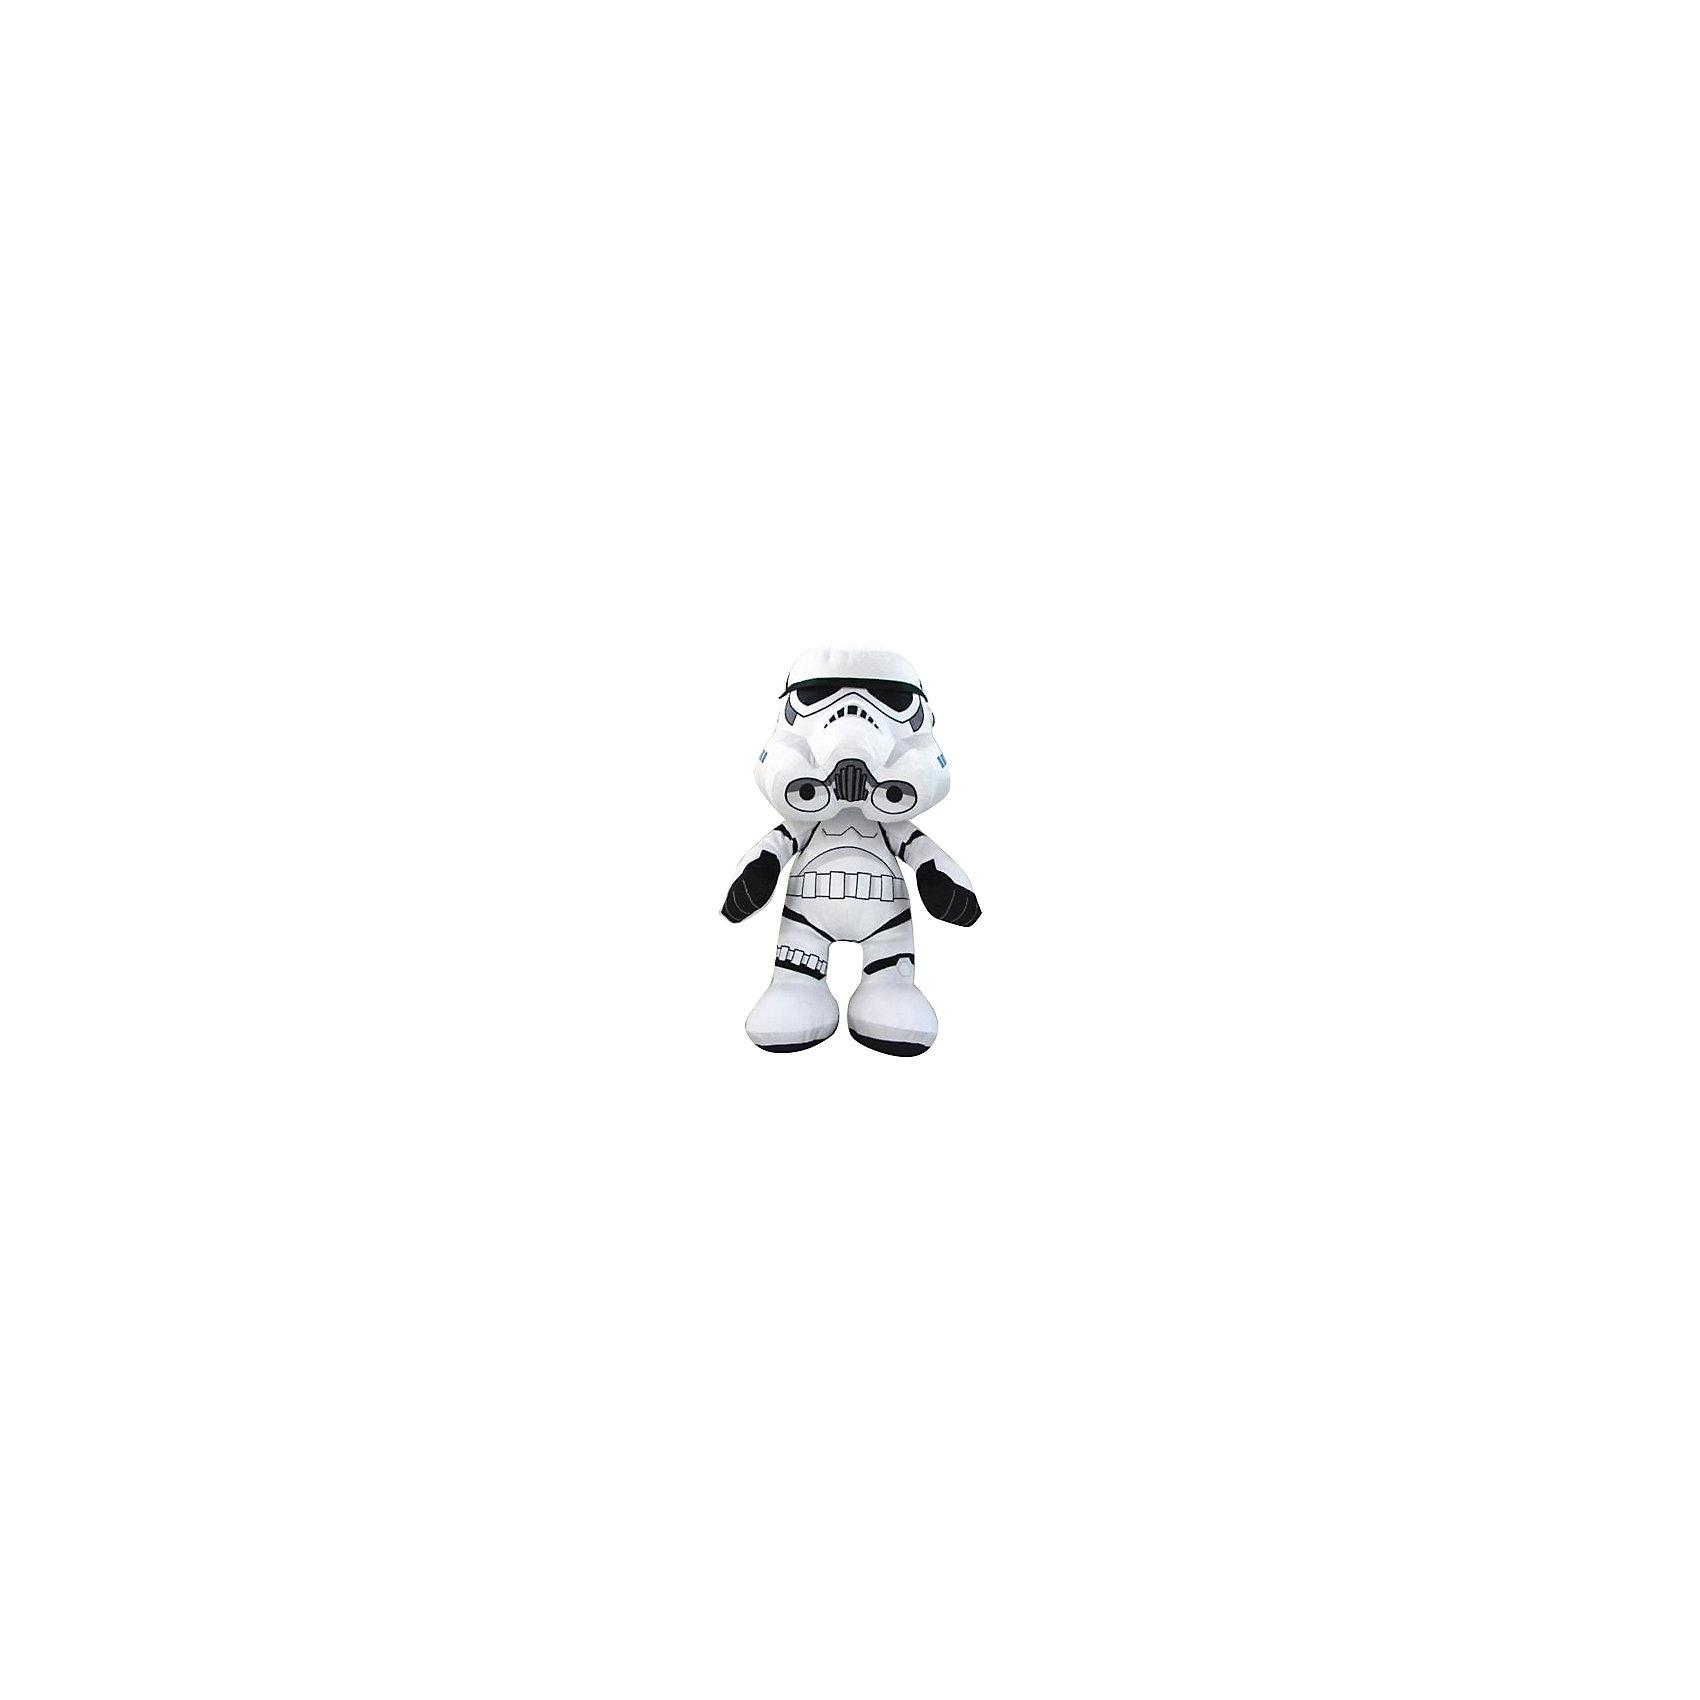 Мягкая игрушка Штурмовик, 18 см, Звездные войныЗабавный плюшевый Штурмовик, Звездные войны  - оригинальная мягкая игрушка, которая станет приятным сюрпризом для детей любого возраста. Игрушка изображает штурмовика элитных войск Галактической Империи из знаменитой киноэпопеи Звездные войны (Star Wars), но выполнена в мультипликационном стиле, что делает ее более забавной и совсем не страшной. Фигурка Штурмовика очень мягкая и приятная на ощупь, все детали хорошо прошиты. Изготовлена из качественных экологичных материалов и совершенно безопасна для детского здоровья. <br><br>Дополнительная информация:<br><br>- Материал: плюш, синтепон.<br>- Высота игрушки: 18 см.<br>- Размер упаковки: 9 х 13 х 10 см.<br>- Вес: 100 гр.<br><br>Мягкую игрушку Штурмовик, Звездные войны, можно купить в нашем интернет-магазине.<br><br>Ширина мм: 90<br>Глубина мм: 130<br>Высота мм: 100<br>Вес г: 80<br>Возраст от месяцев: 36<br>Возраст до месяцев: 1188<br>Пол: Мужской<br>Возраст: Детский<br>SKU: 4302512